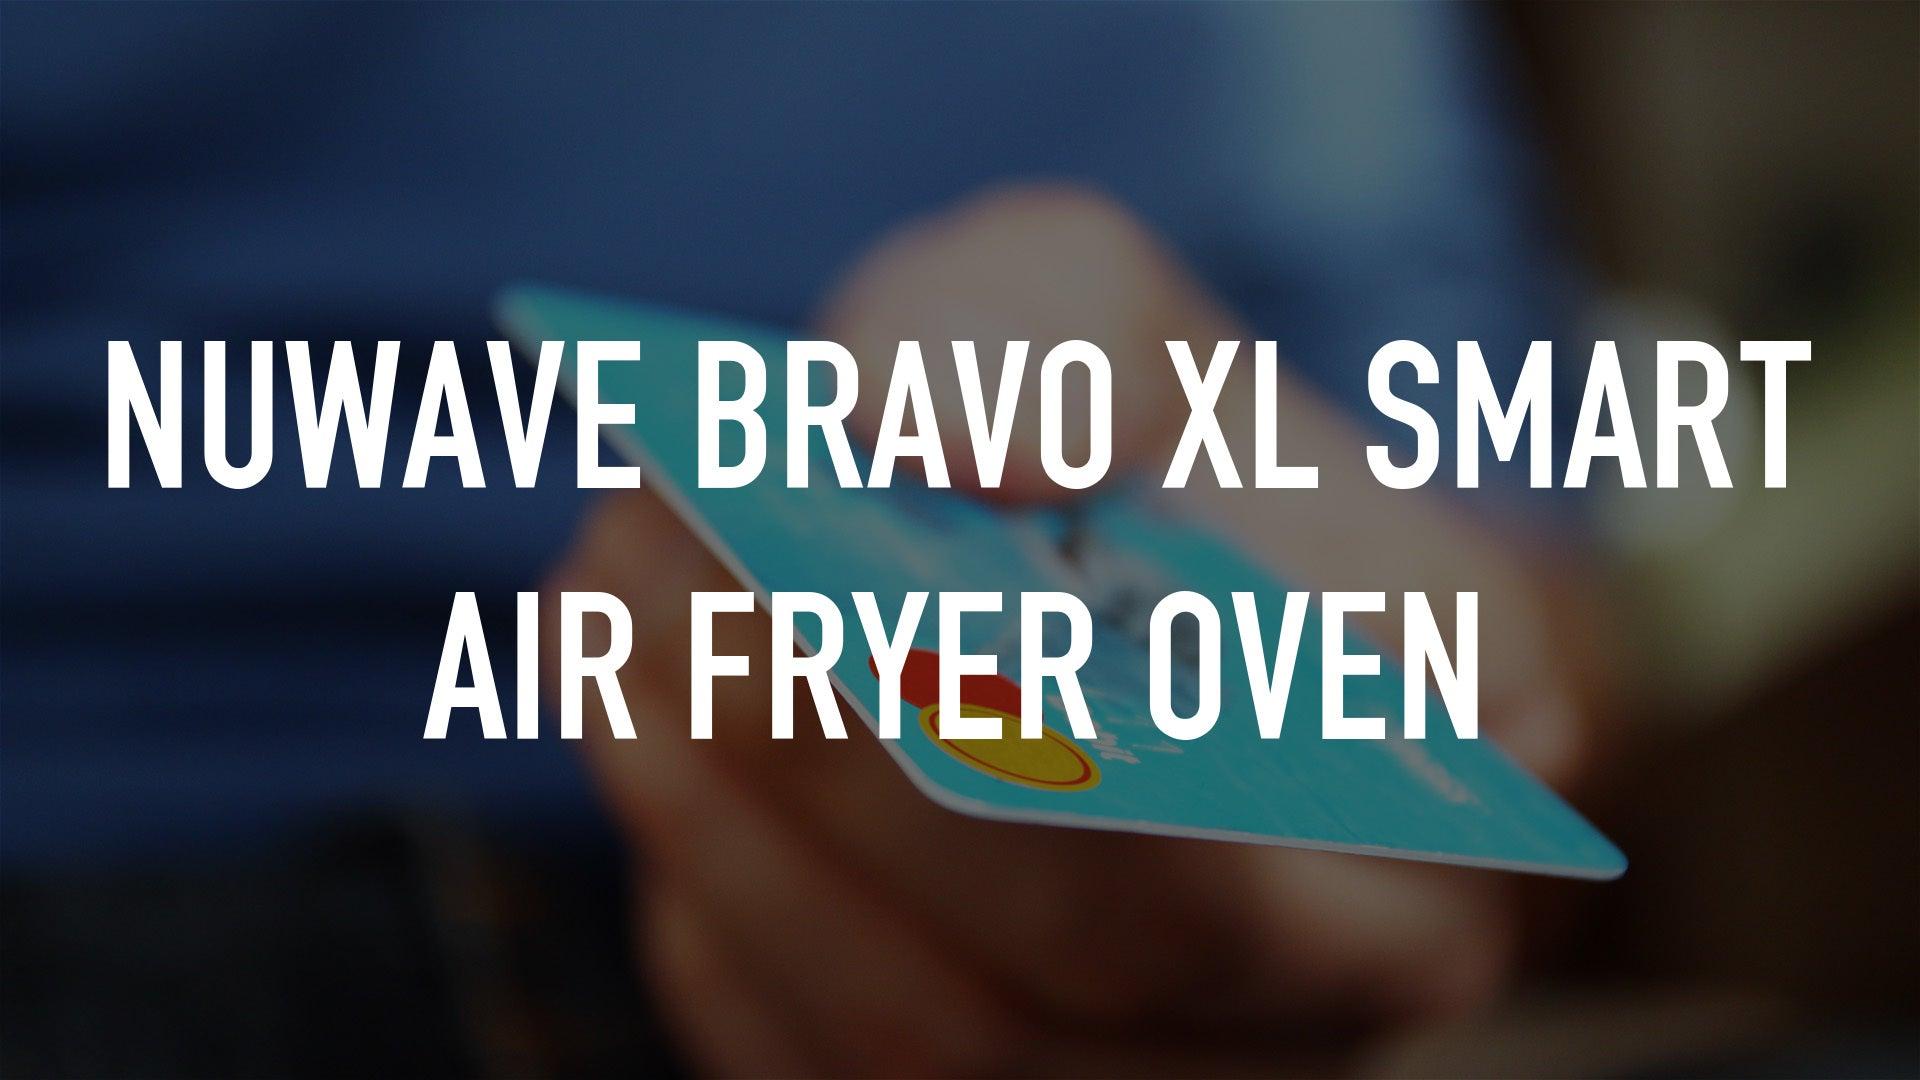 NuWave Bravo XL Smart Air Fryer Oven